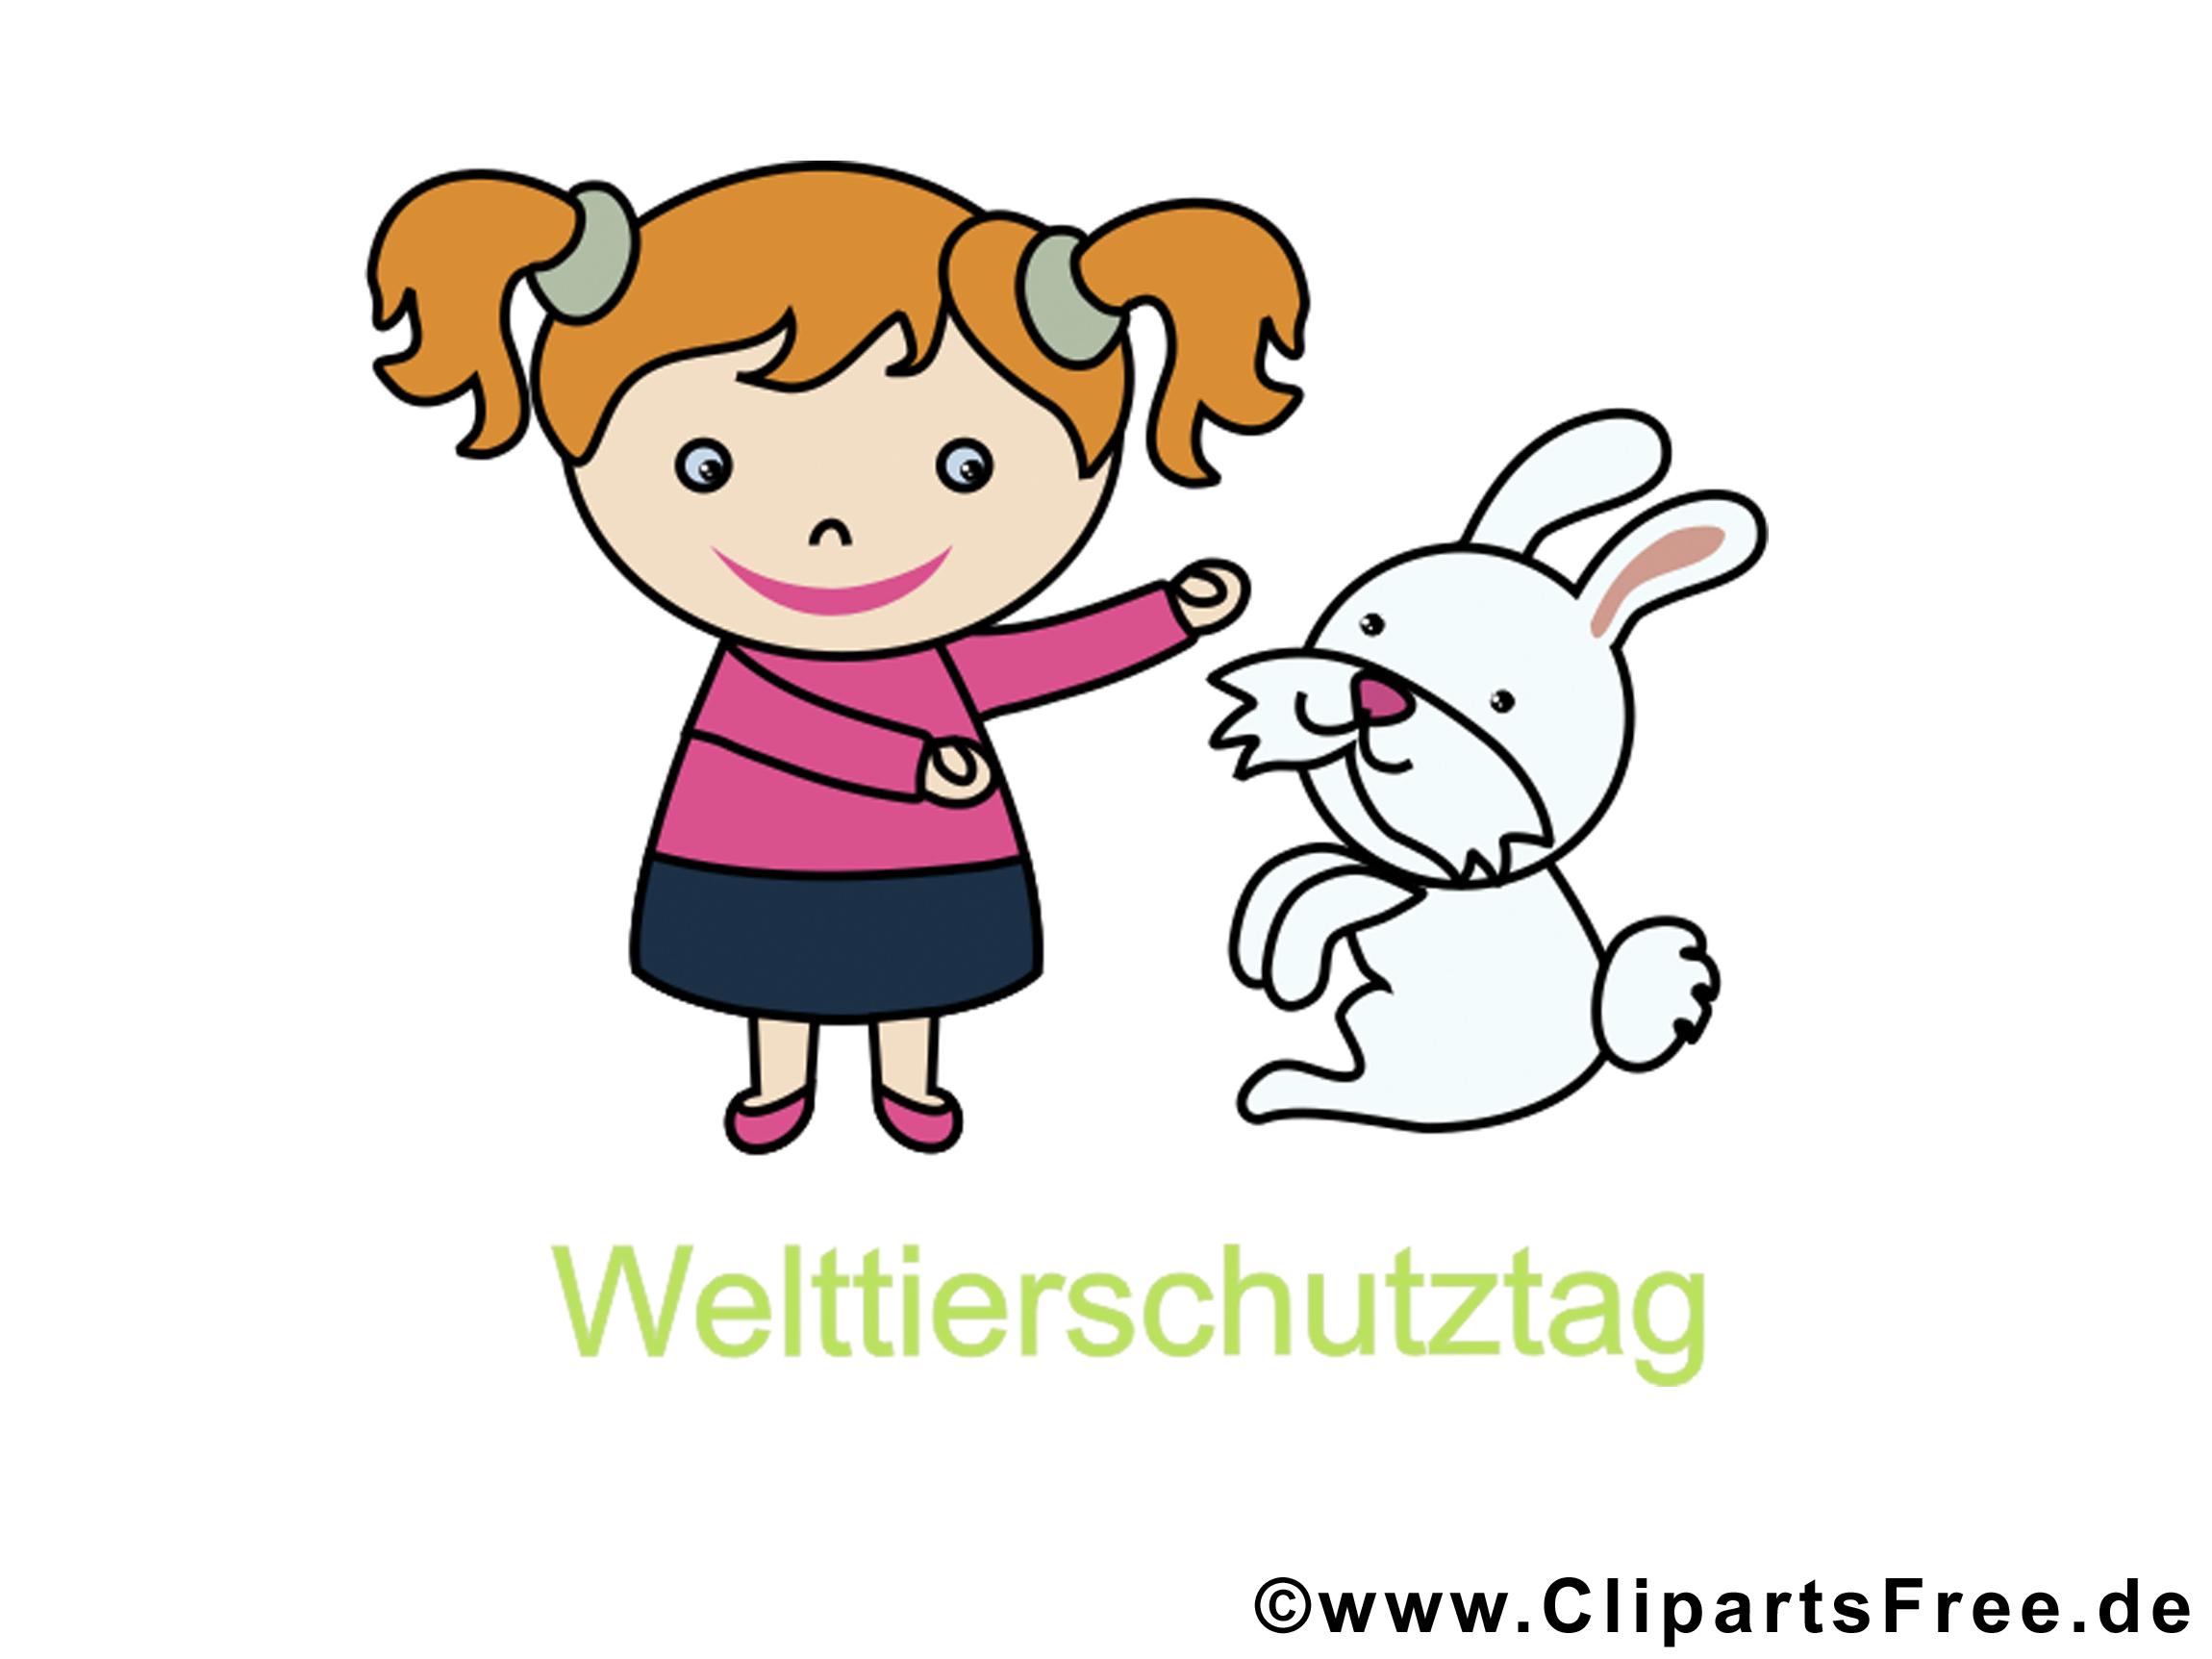 Free Clip Art zum Welttierschutztag